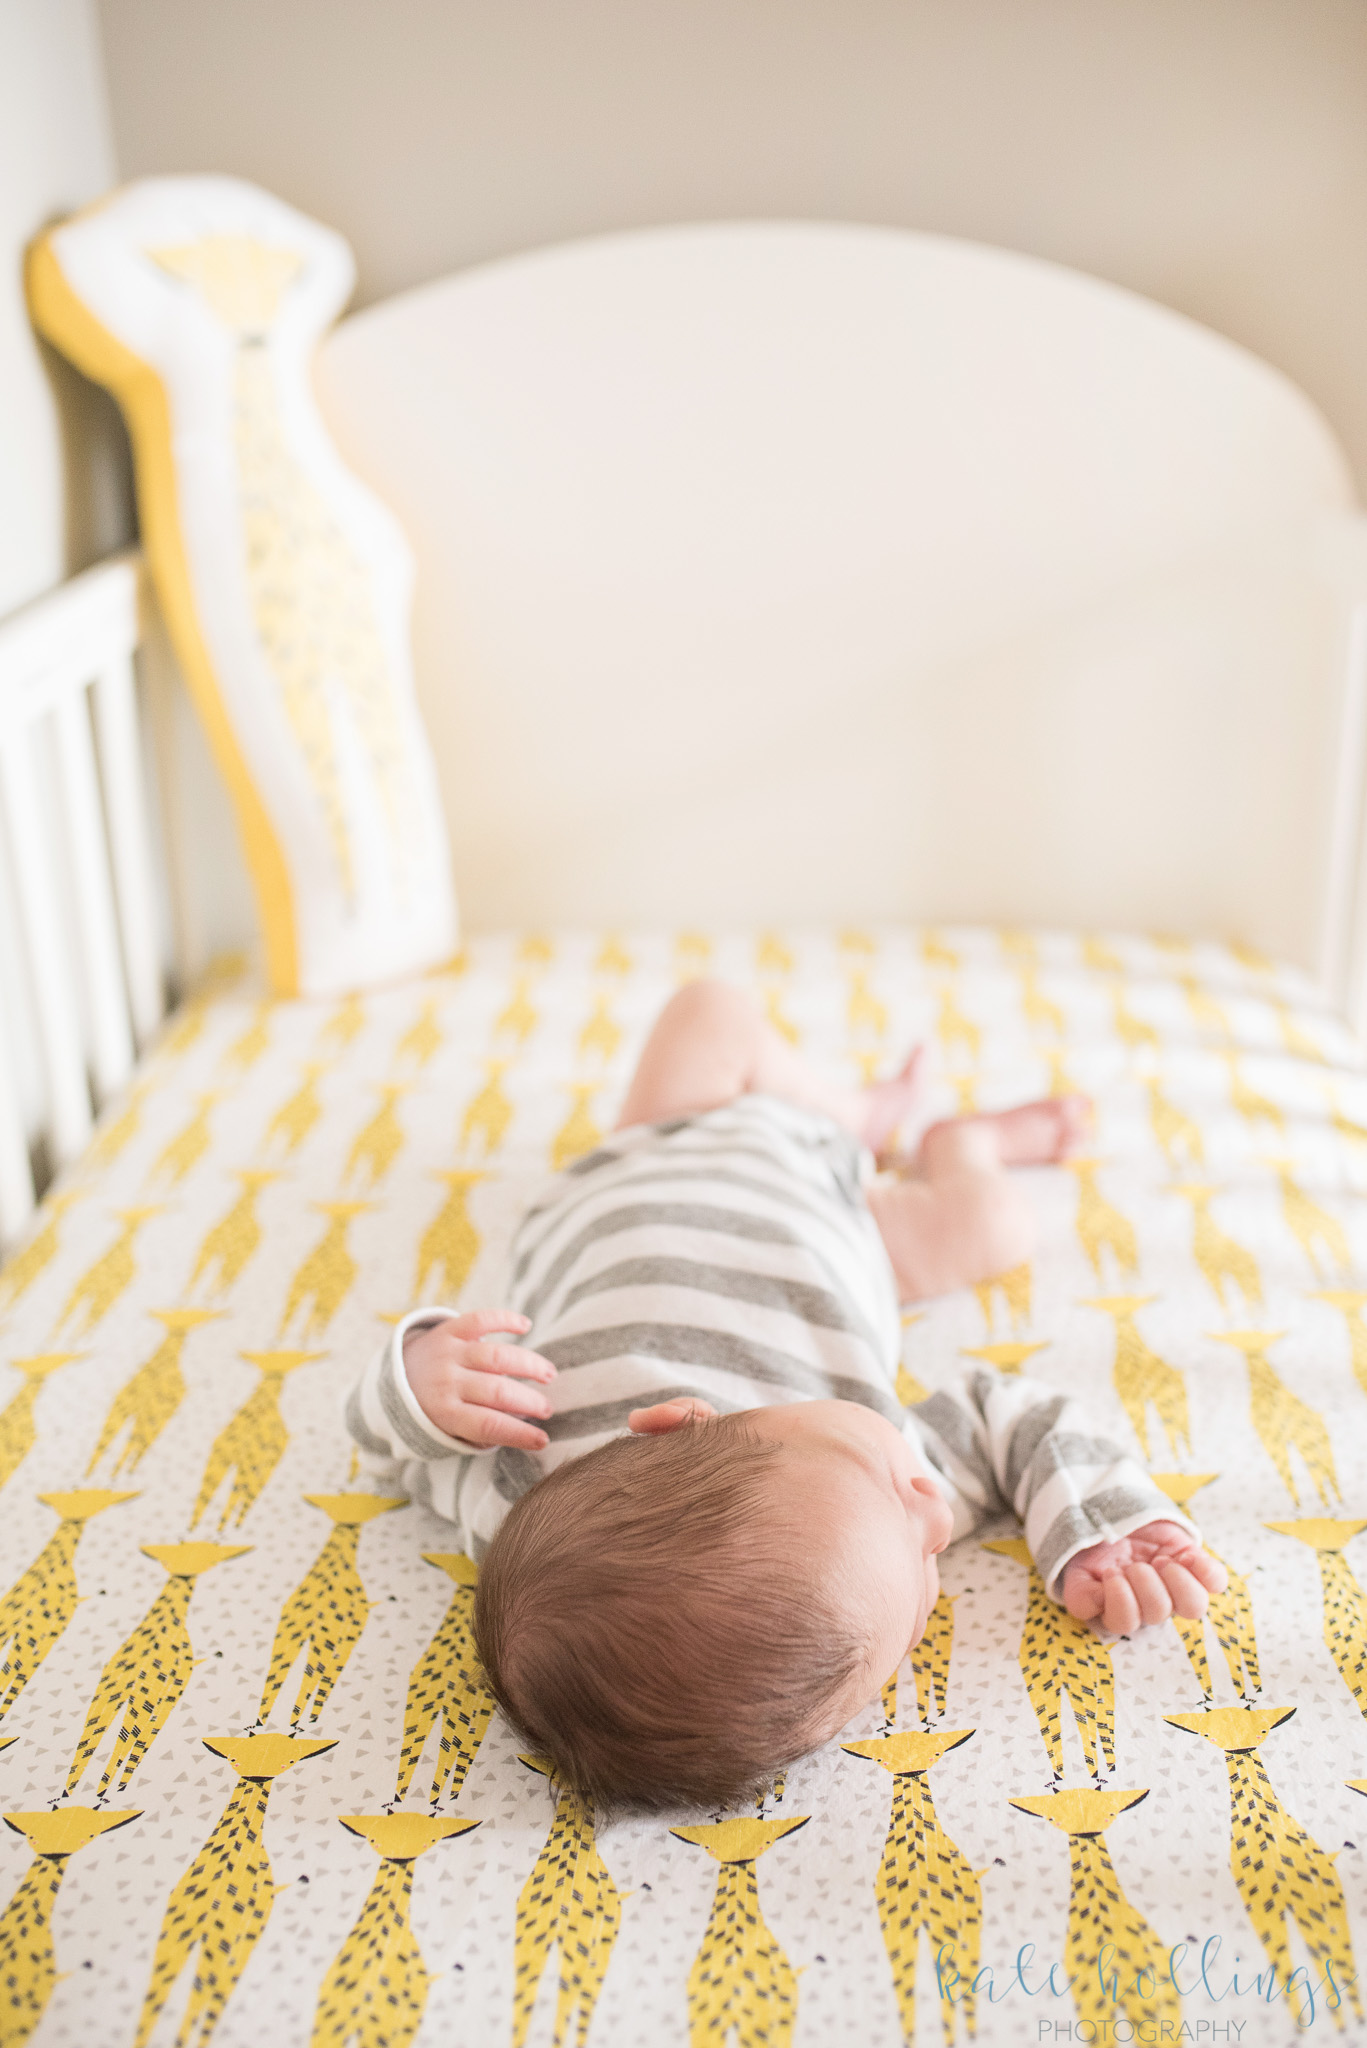 Baby boy & giraffes